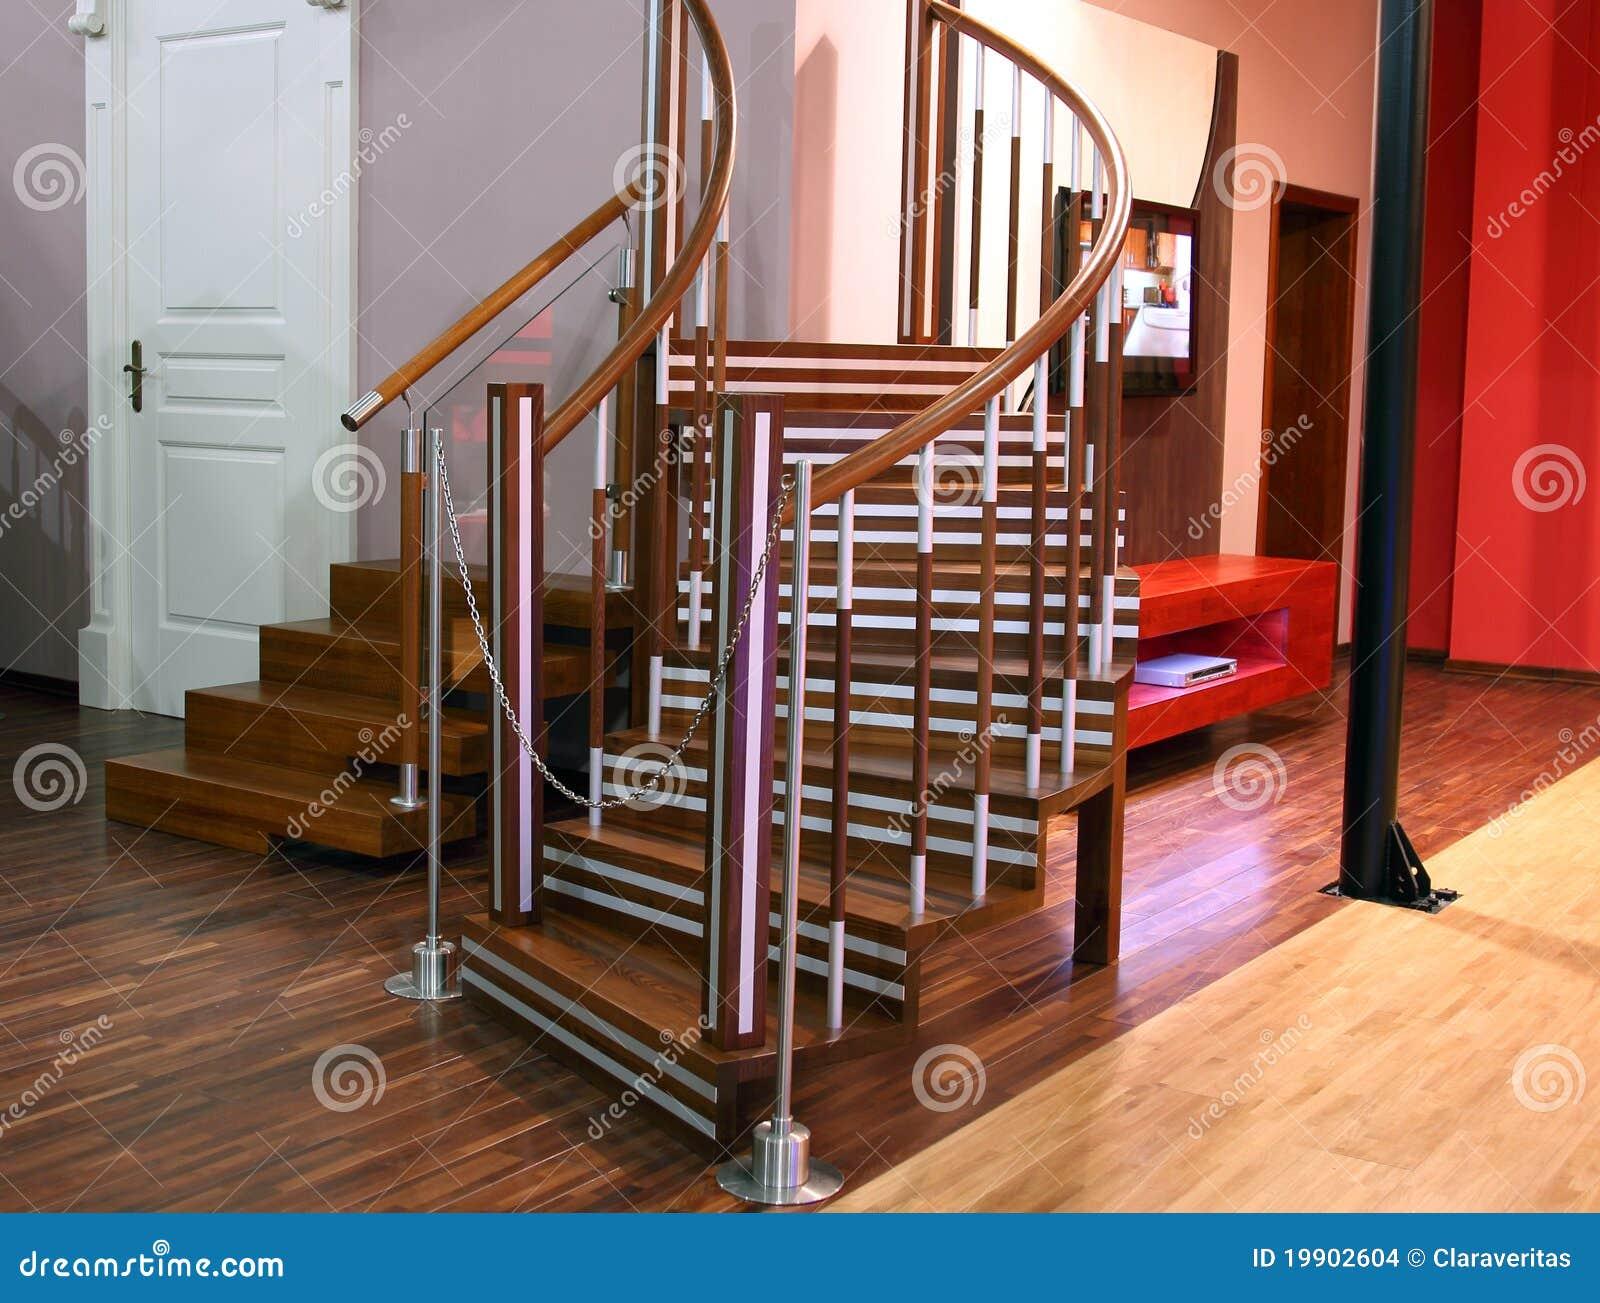 Escaleras modernas para la sala de estar foto de archivo for Imagenes escaleras modernas